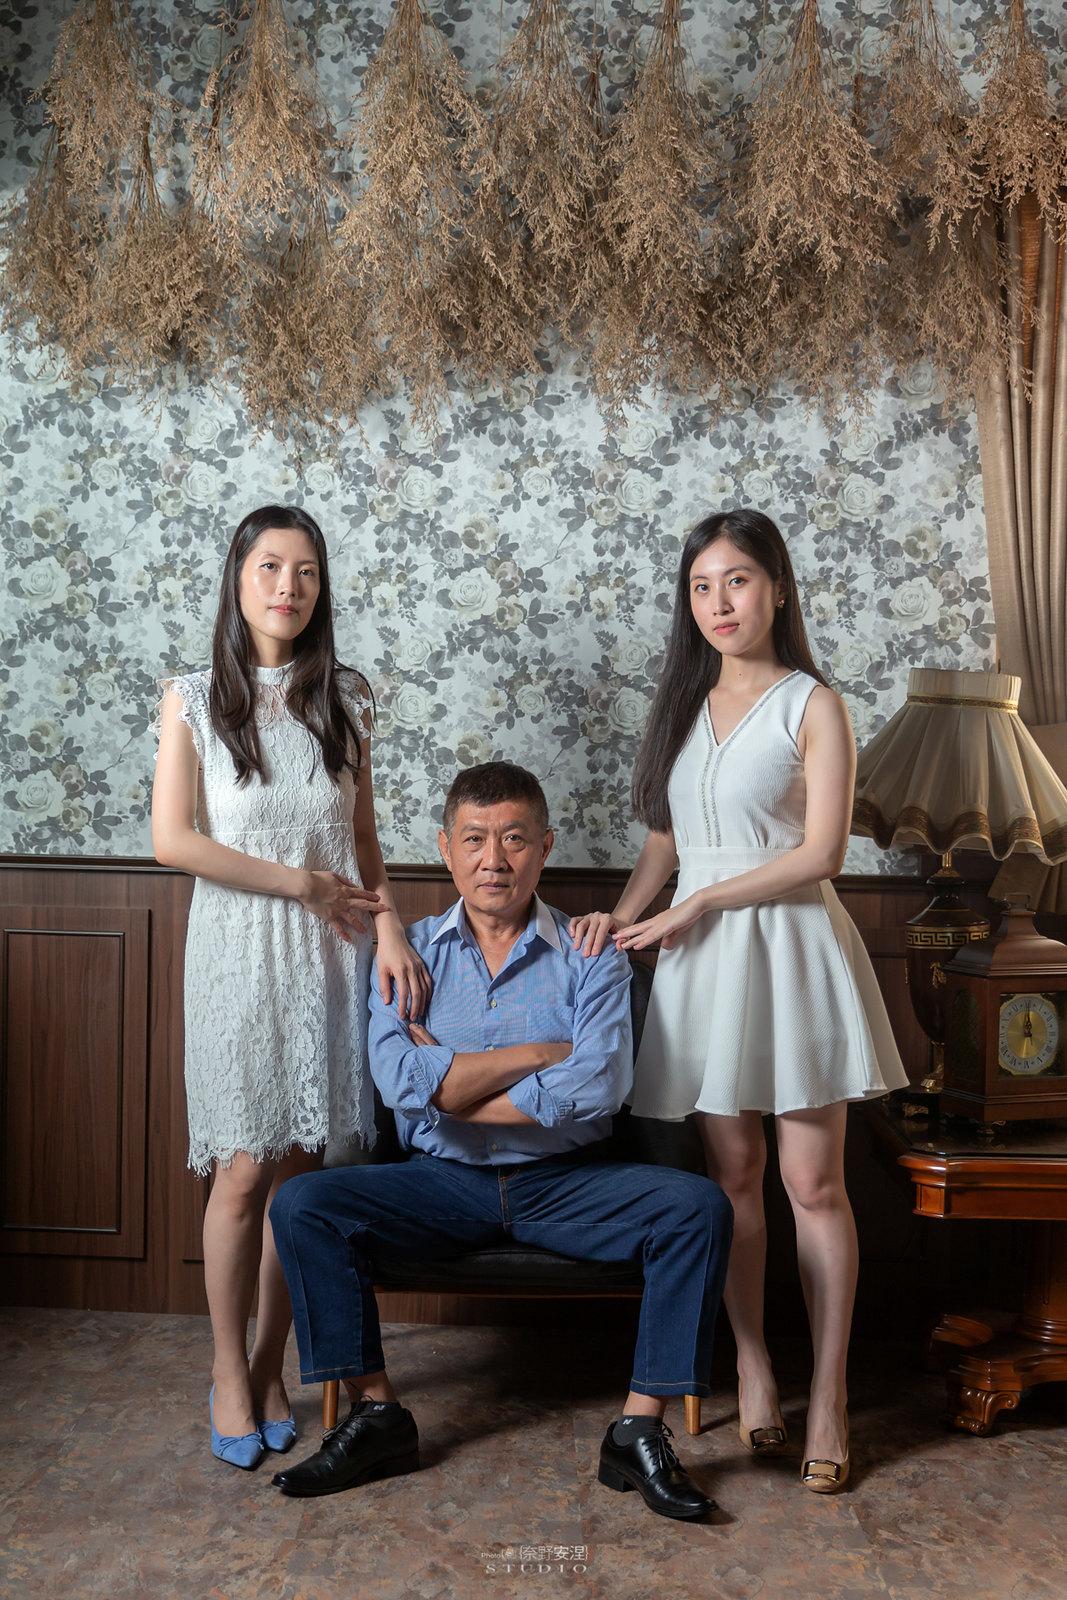 台南全家福 | 拋棄傳統合照的彆扭,忠實呈現家人間最親密的情感26